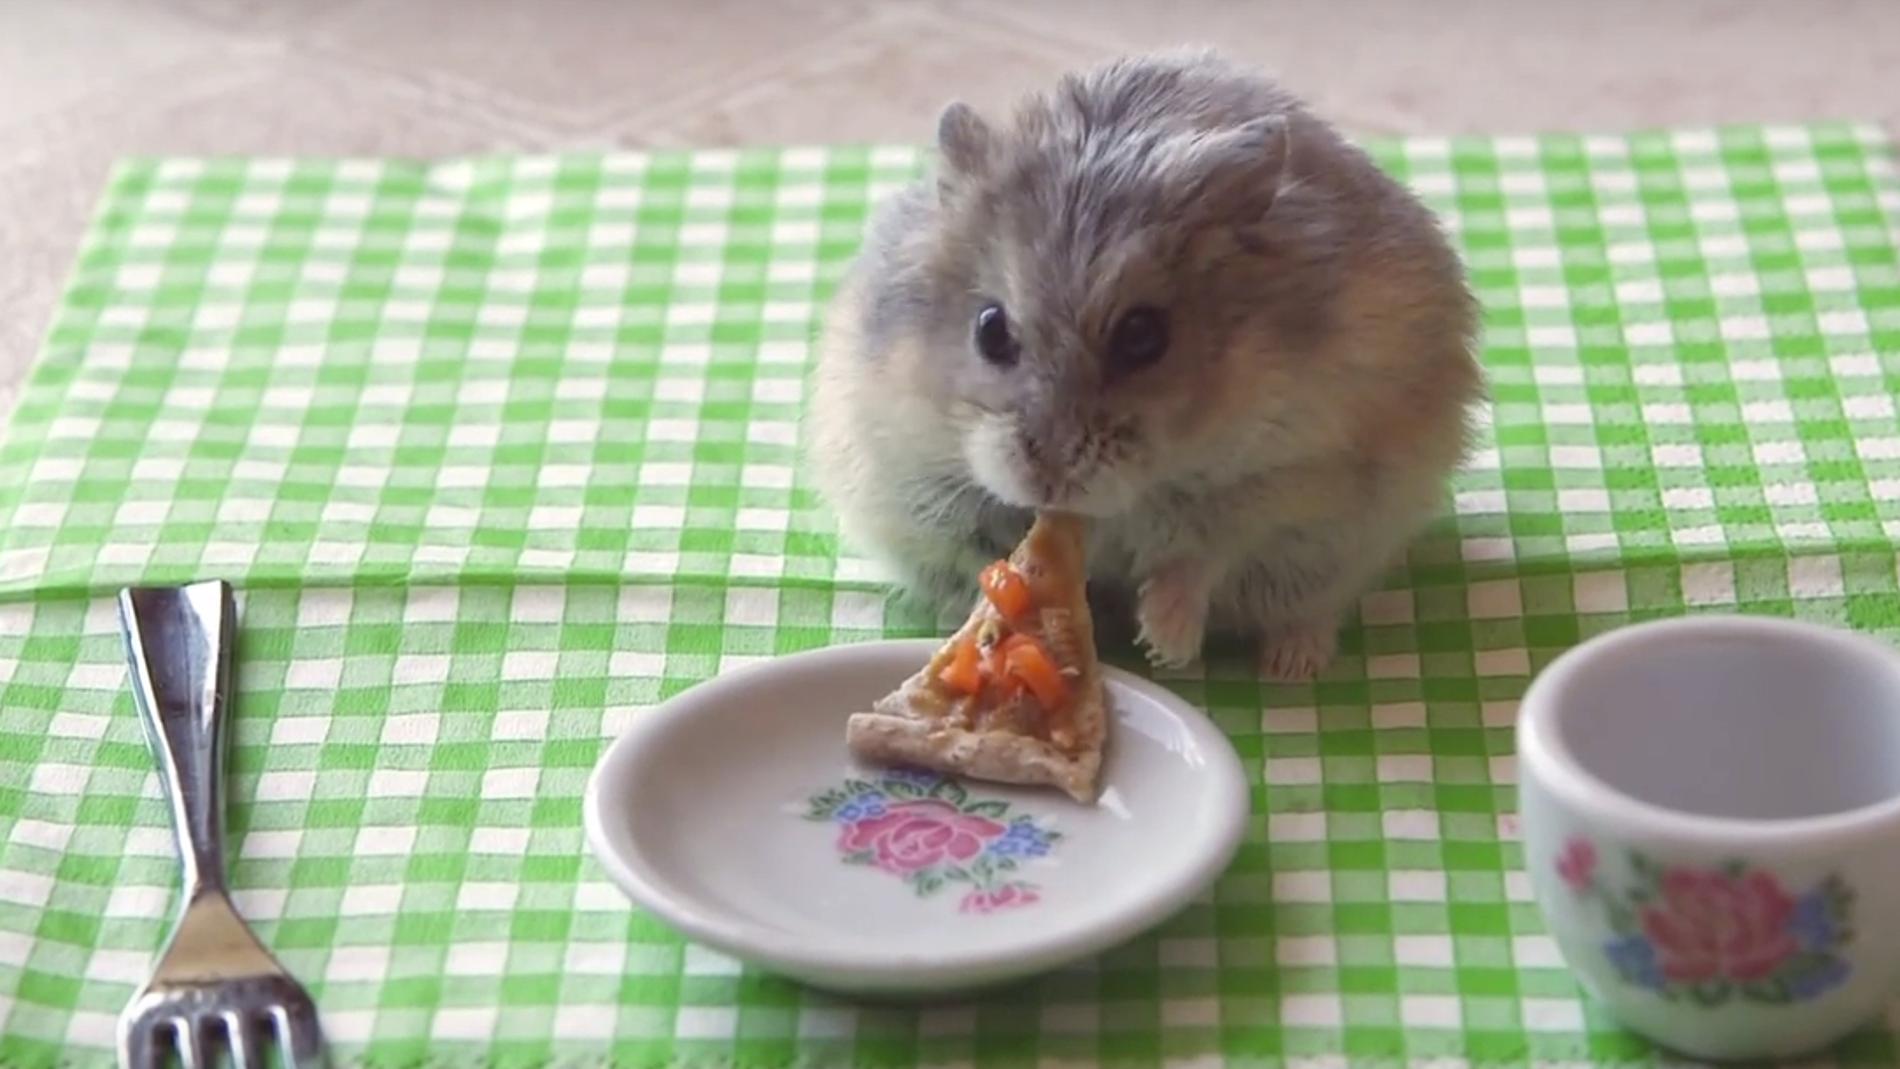 Nuestro amigo el hámster comiendo pizza.